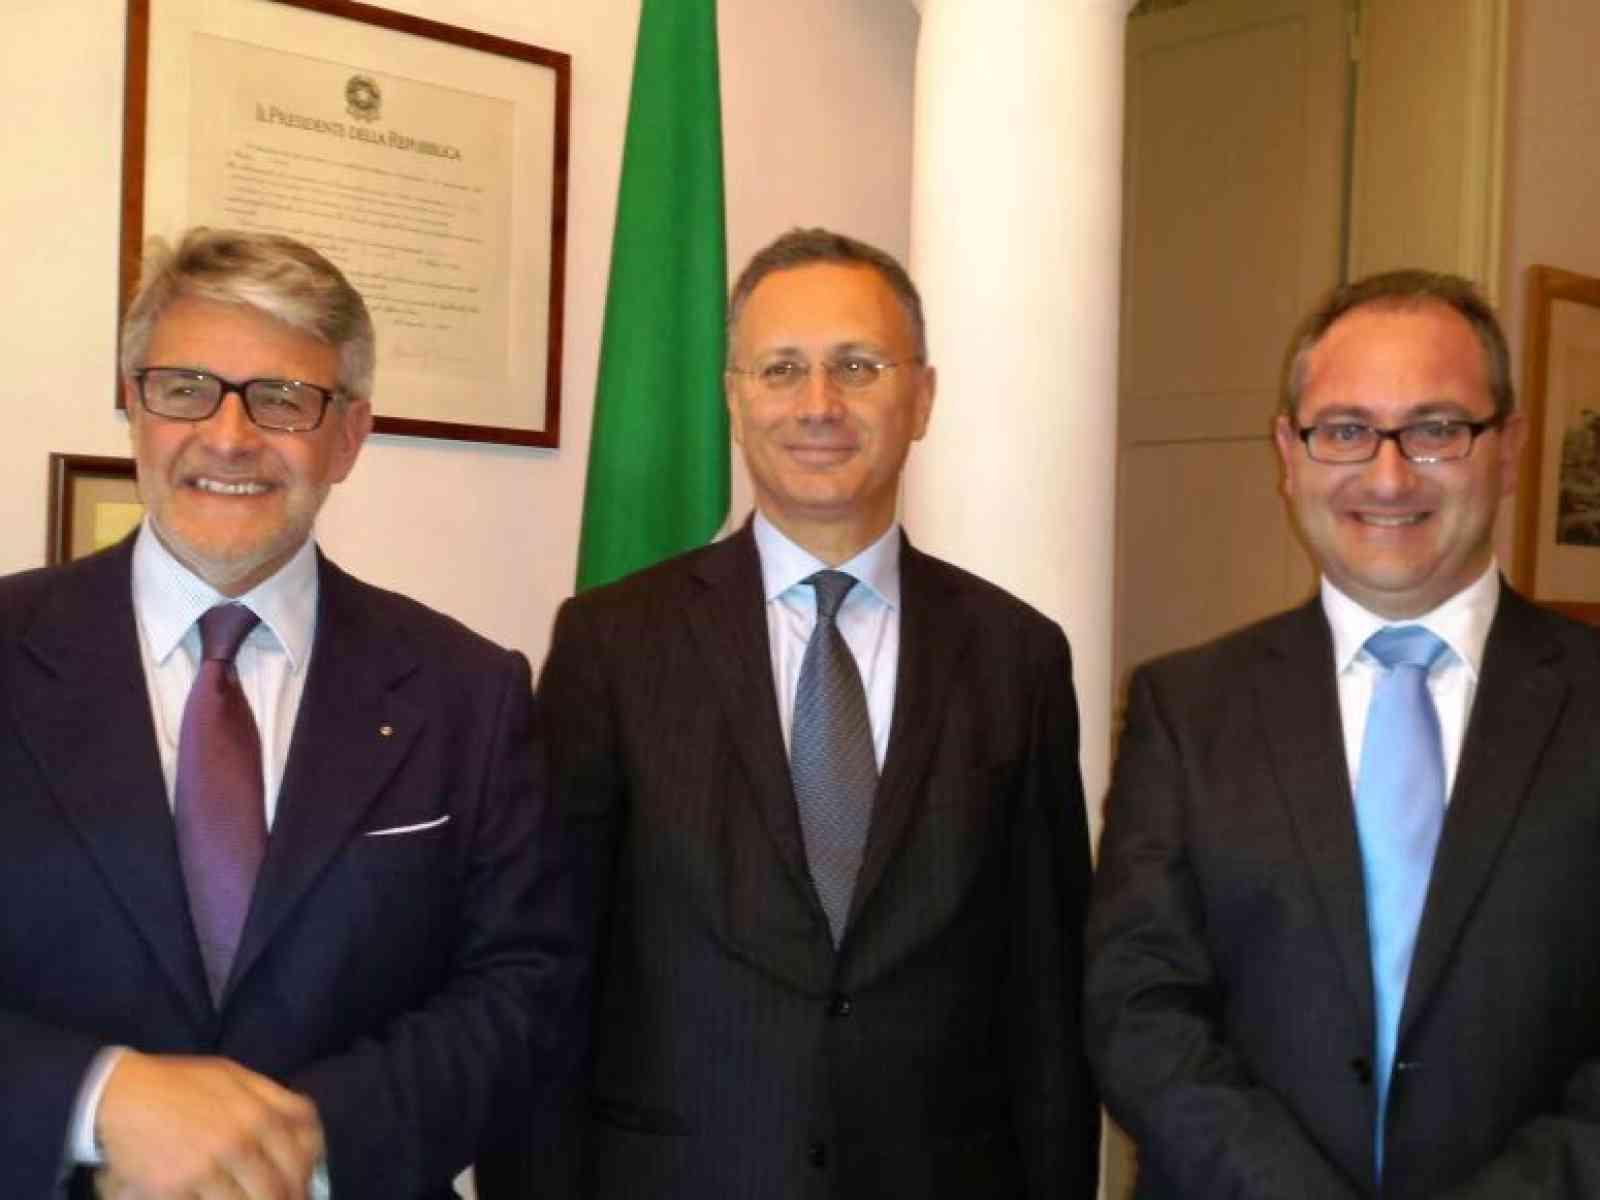 Missione a Malta e Tunisi: Tumbiolo incontra il Ministro Gentiloni per chiedere più sicurezza per i pescatori siciliani